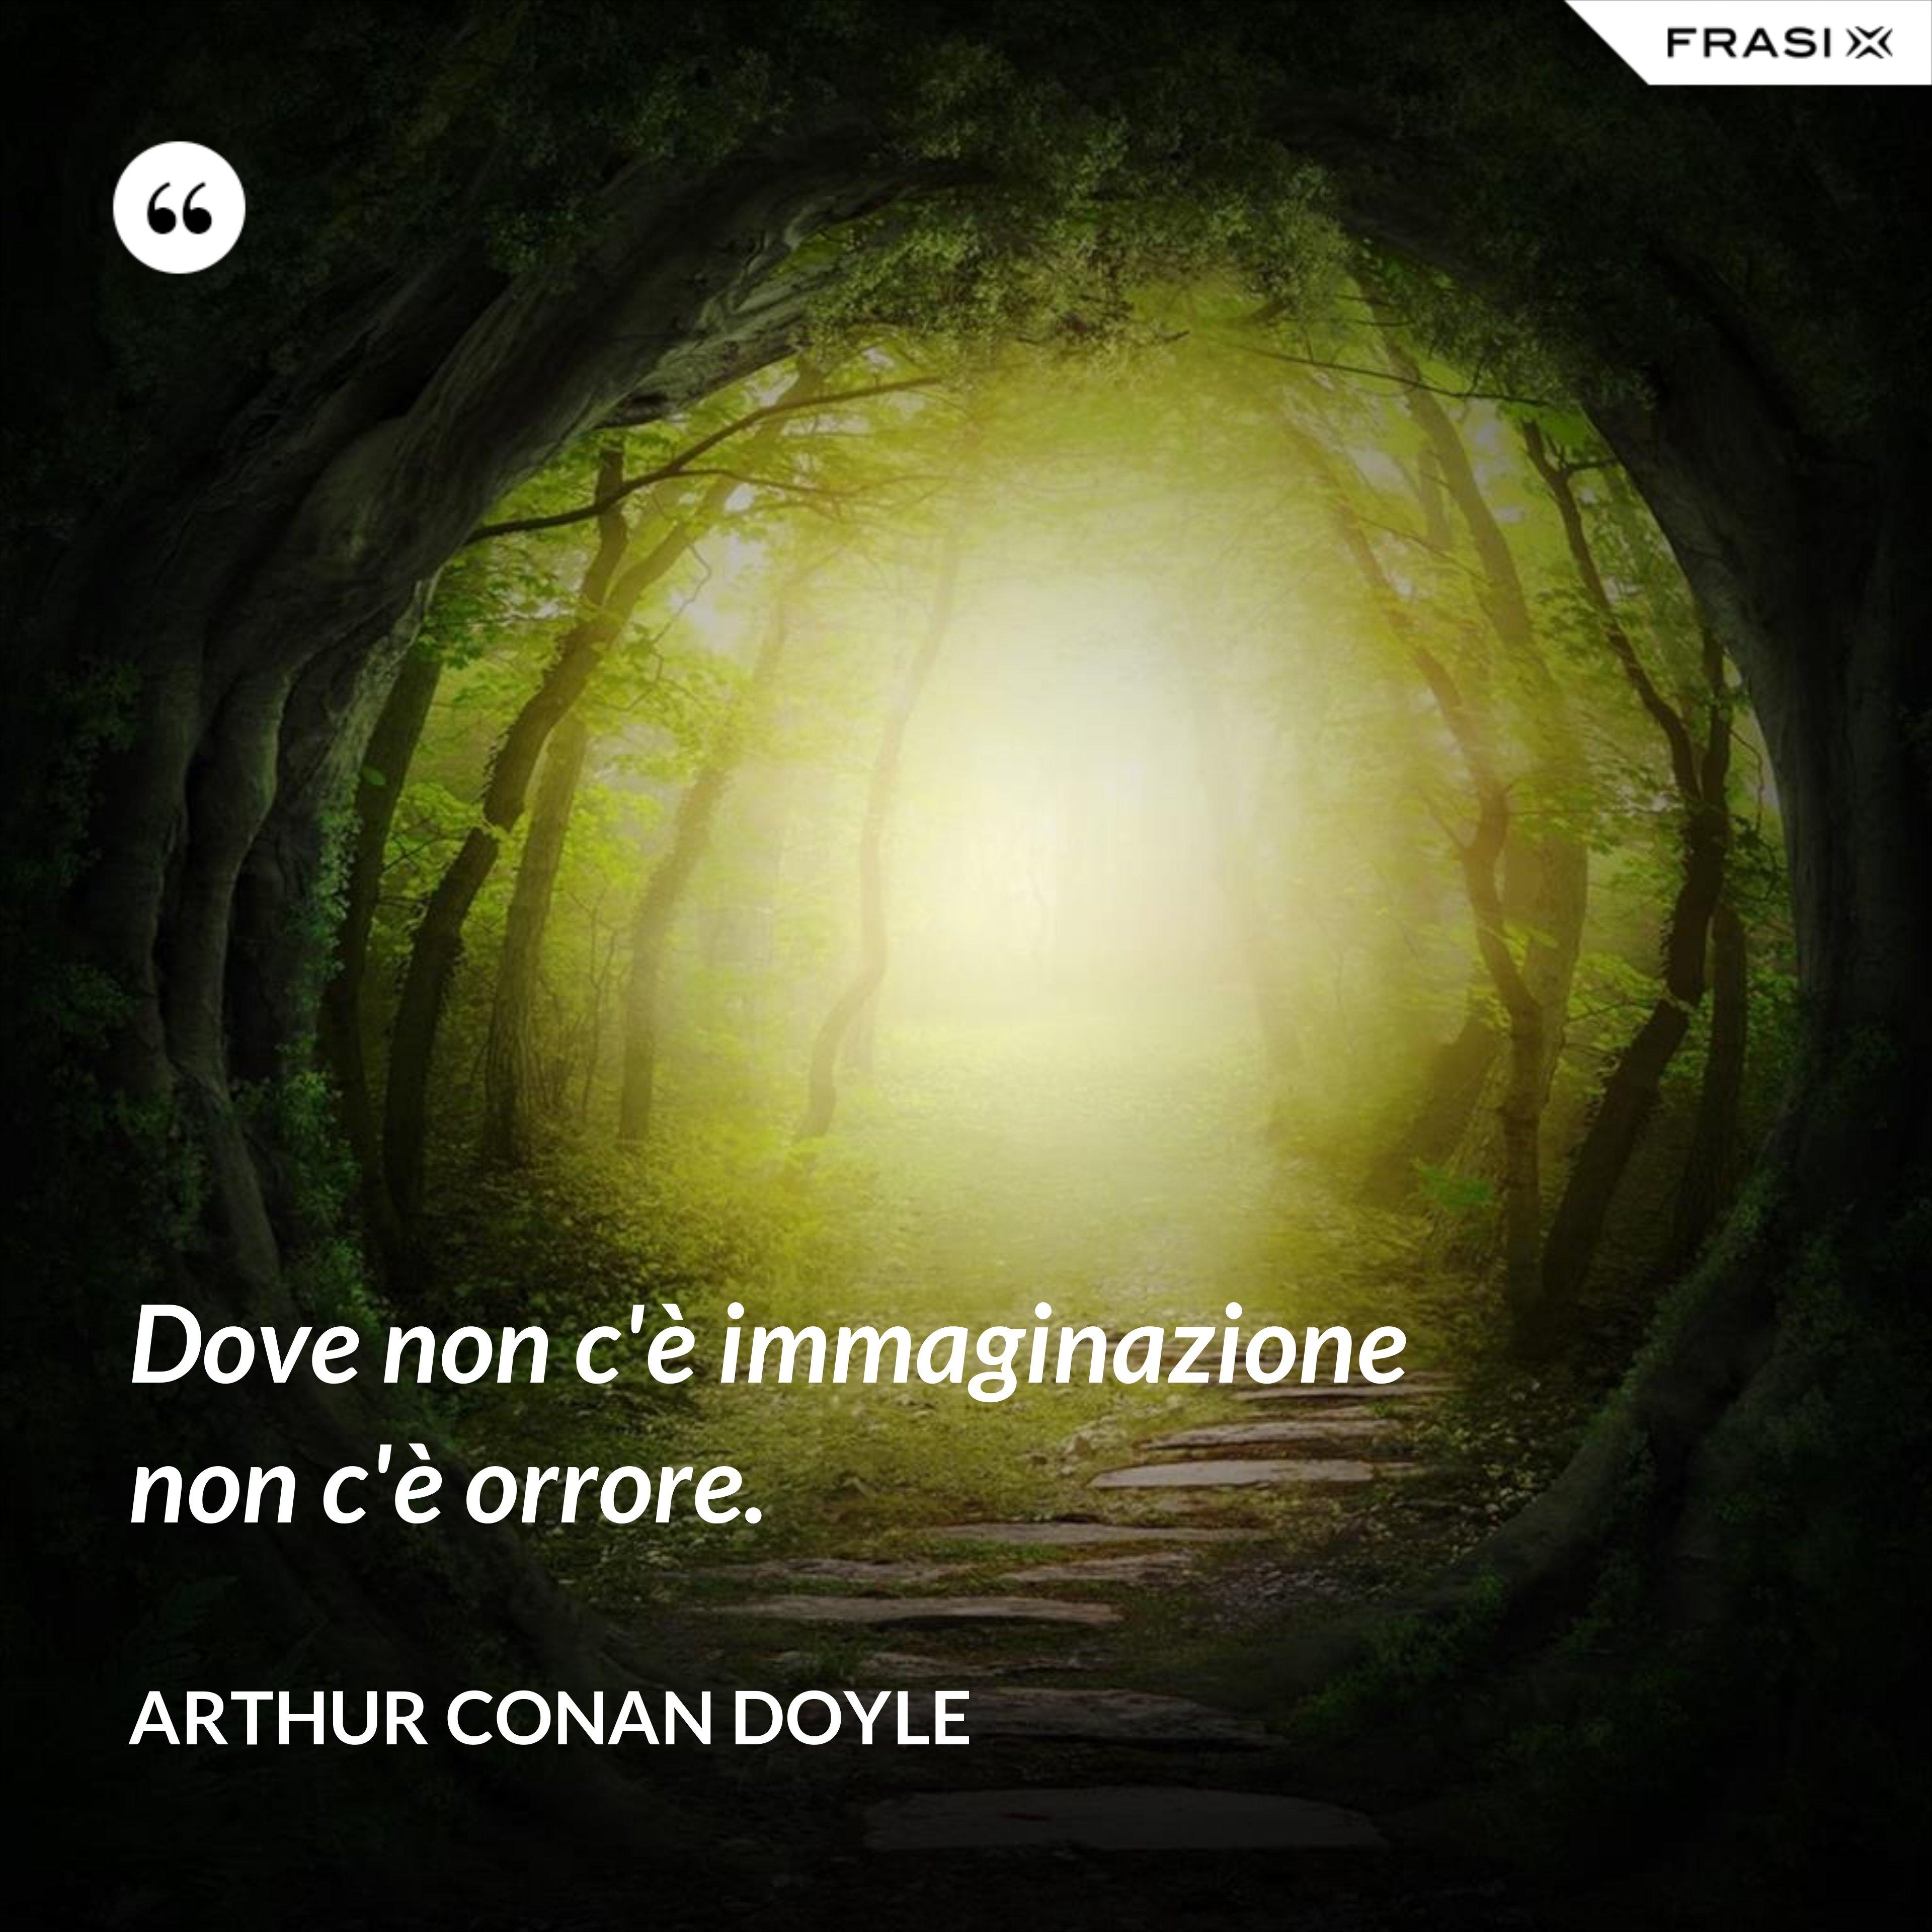 Dove non c'è immaginazione non c'è orrore. - Arthur Conan Doyle